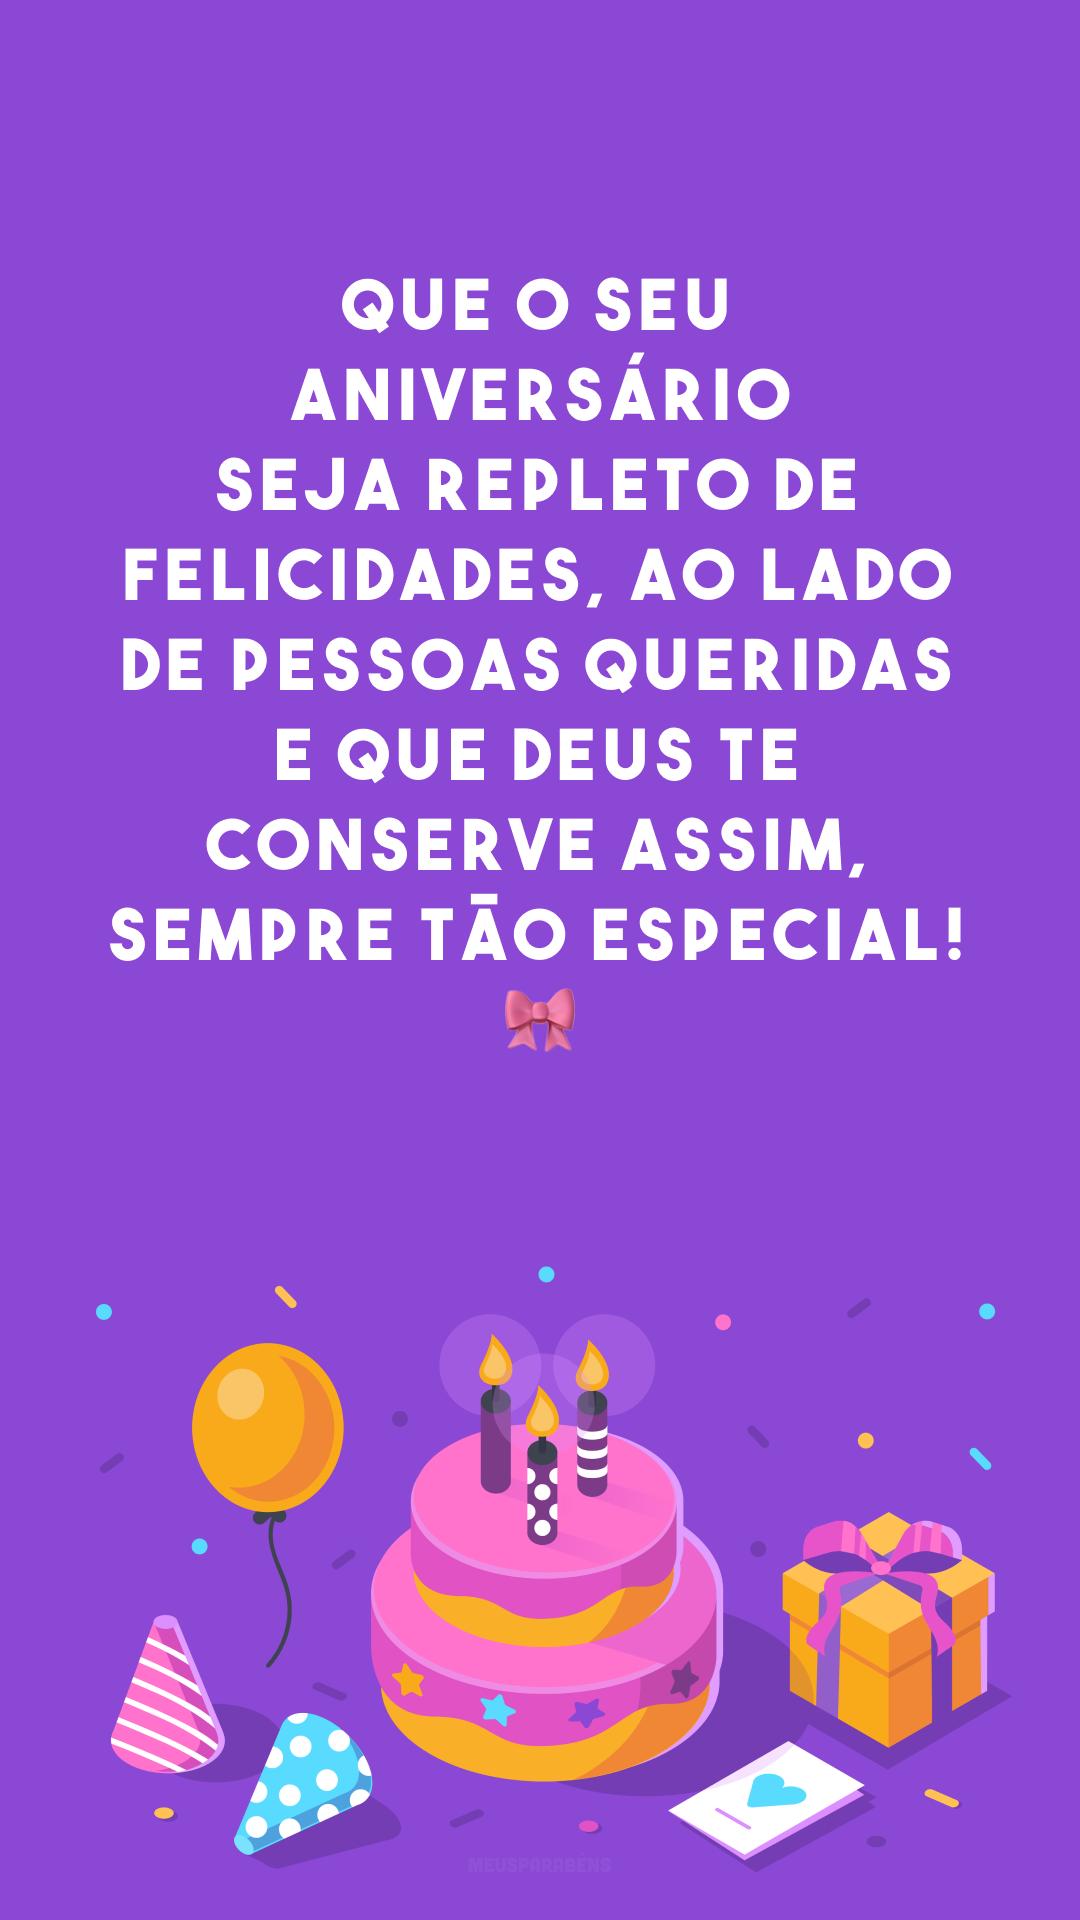 Que o seu aniversário seja repleto de felicidades, ao lado de pessoas queridas e que Deus te conserve assim, sempre tão especial! 🎀